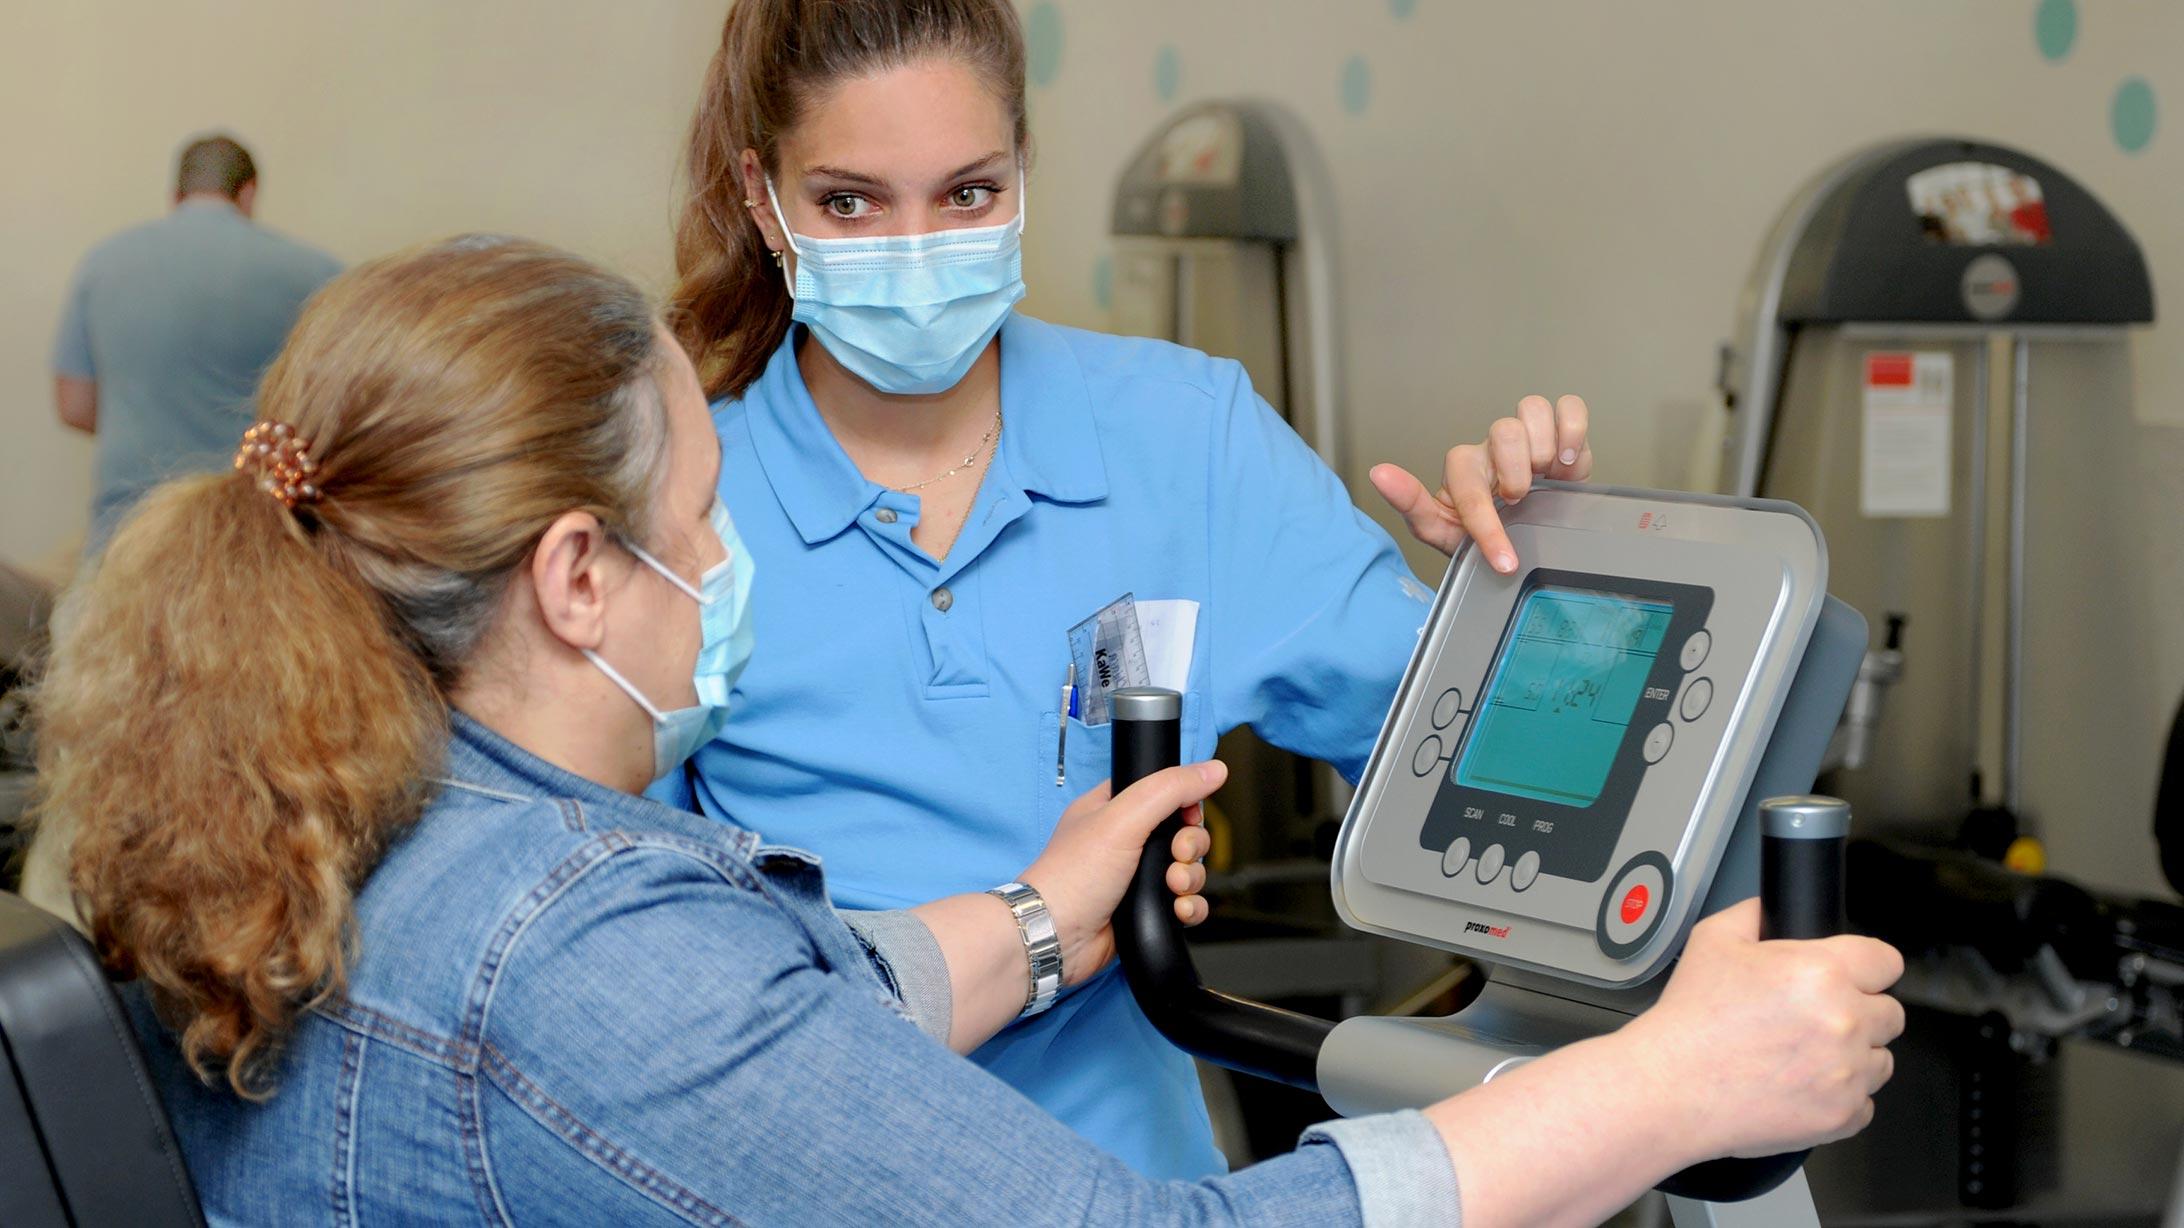 Chiara Scherrer, Praktikantin Physiotherapie, erklärt einer Patientin ein Gerät.